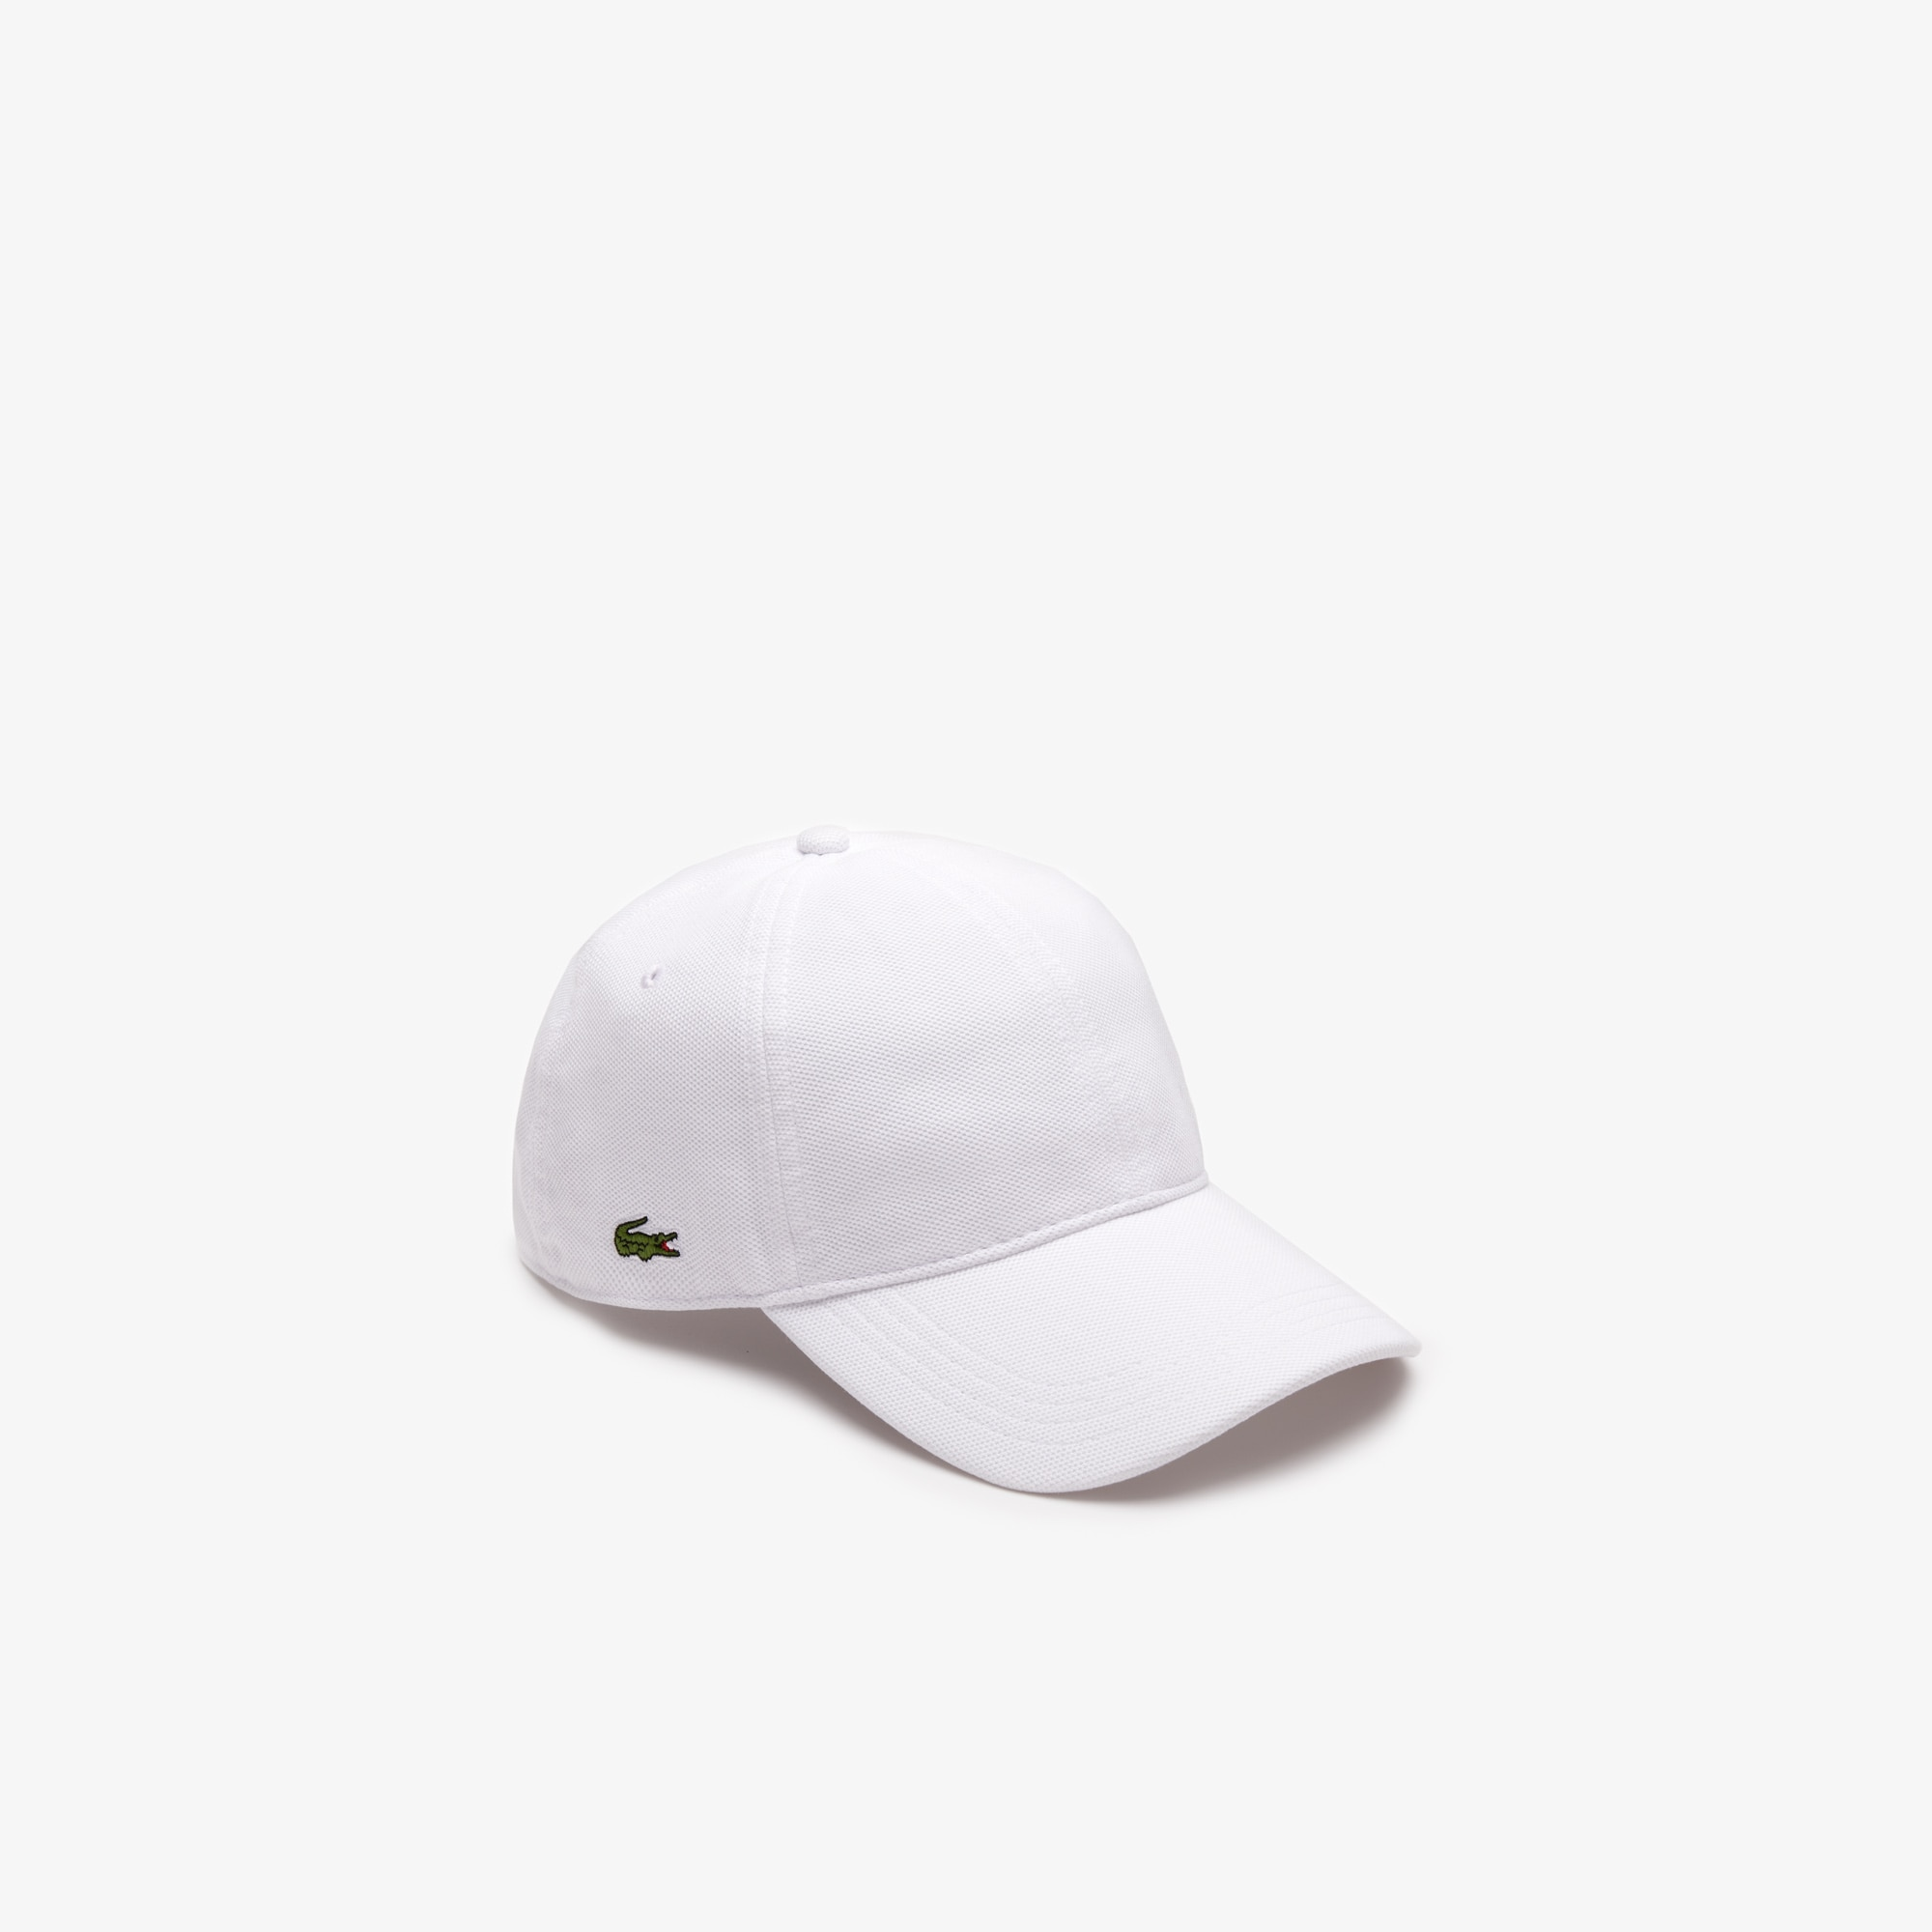 33a62544167 Lacoste Men S Cotton PiquÉ Cap In White